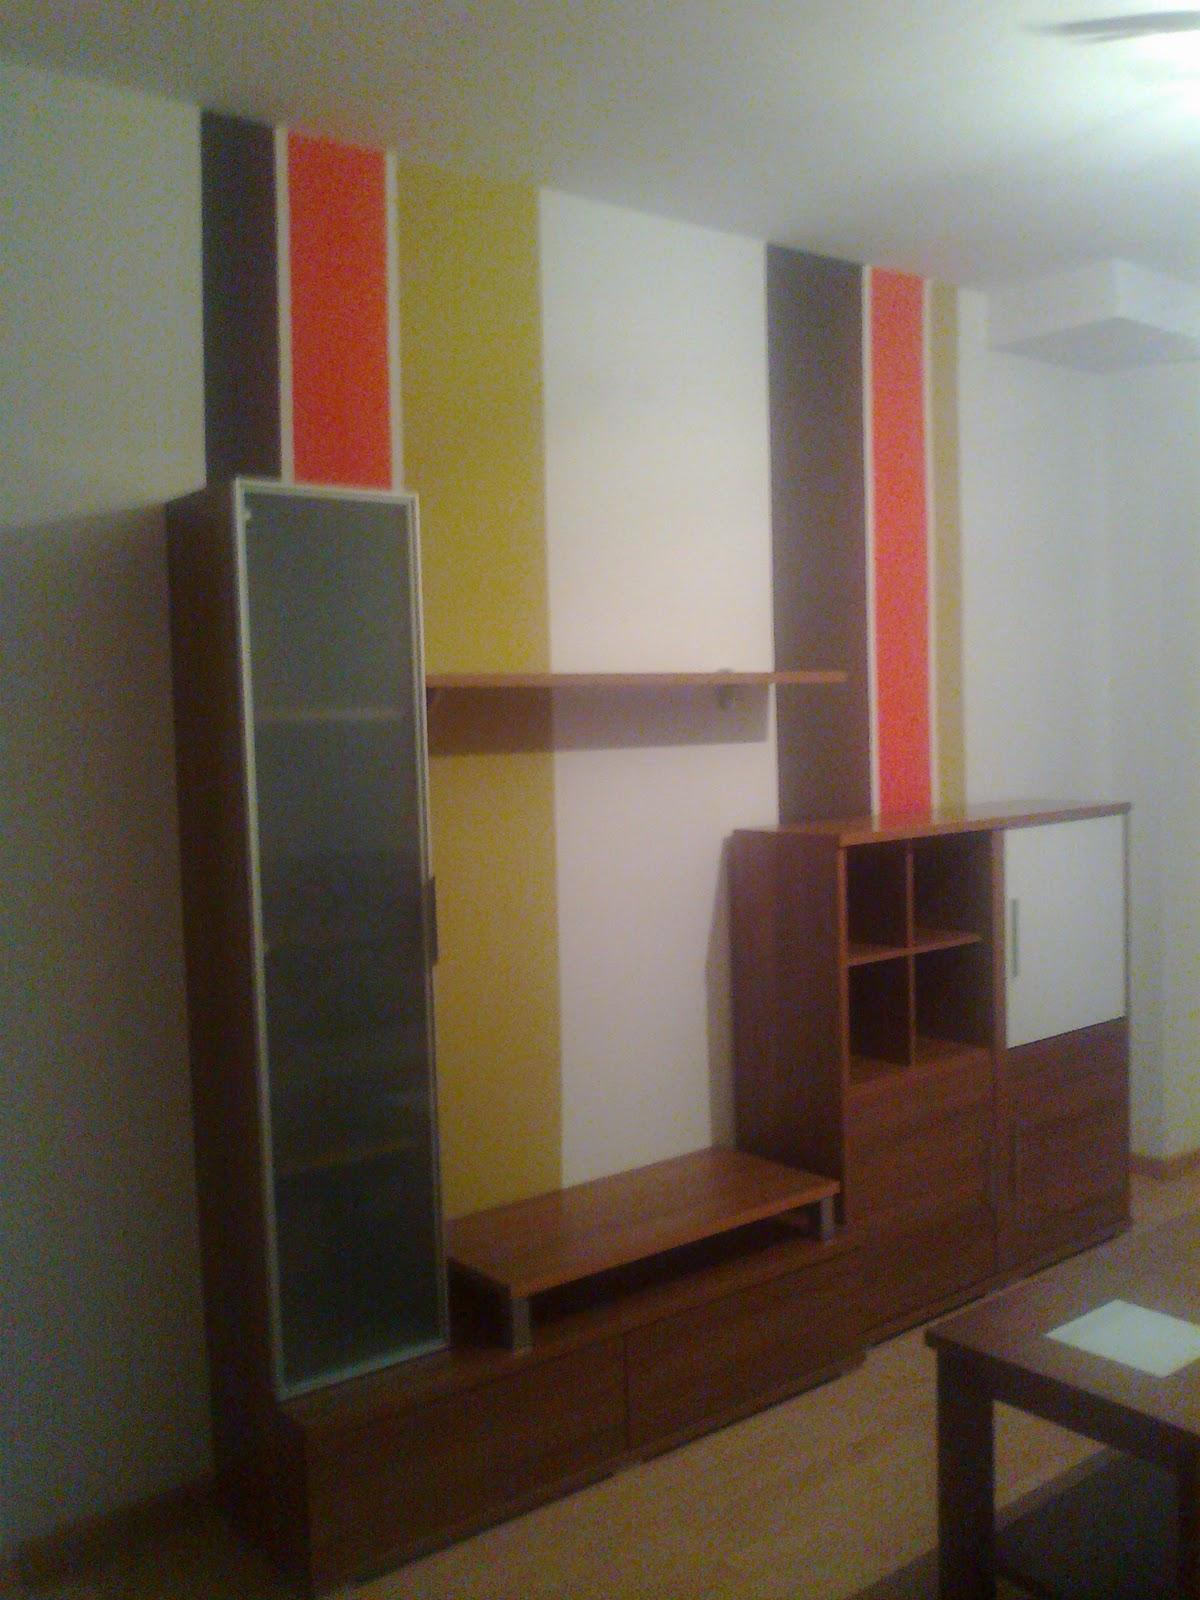 El taller de flory pondy pintura en sal n for Pintura de paredes interiores fotos